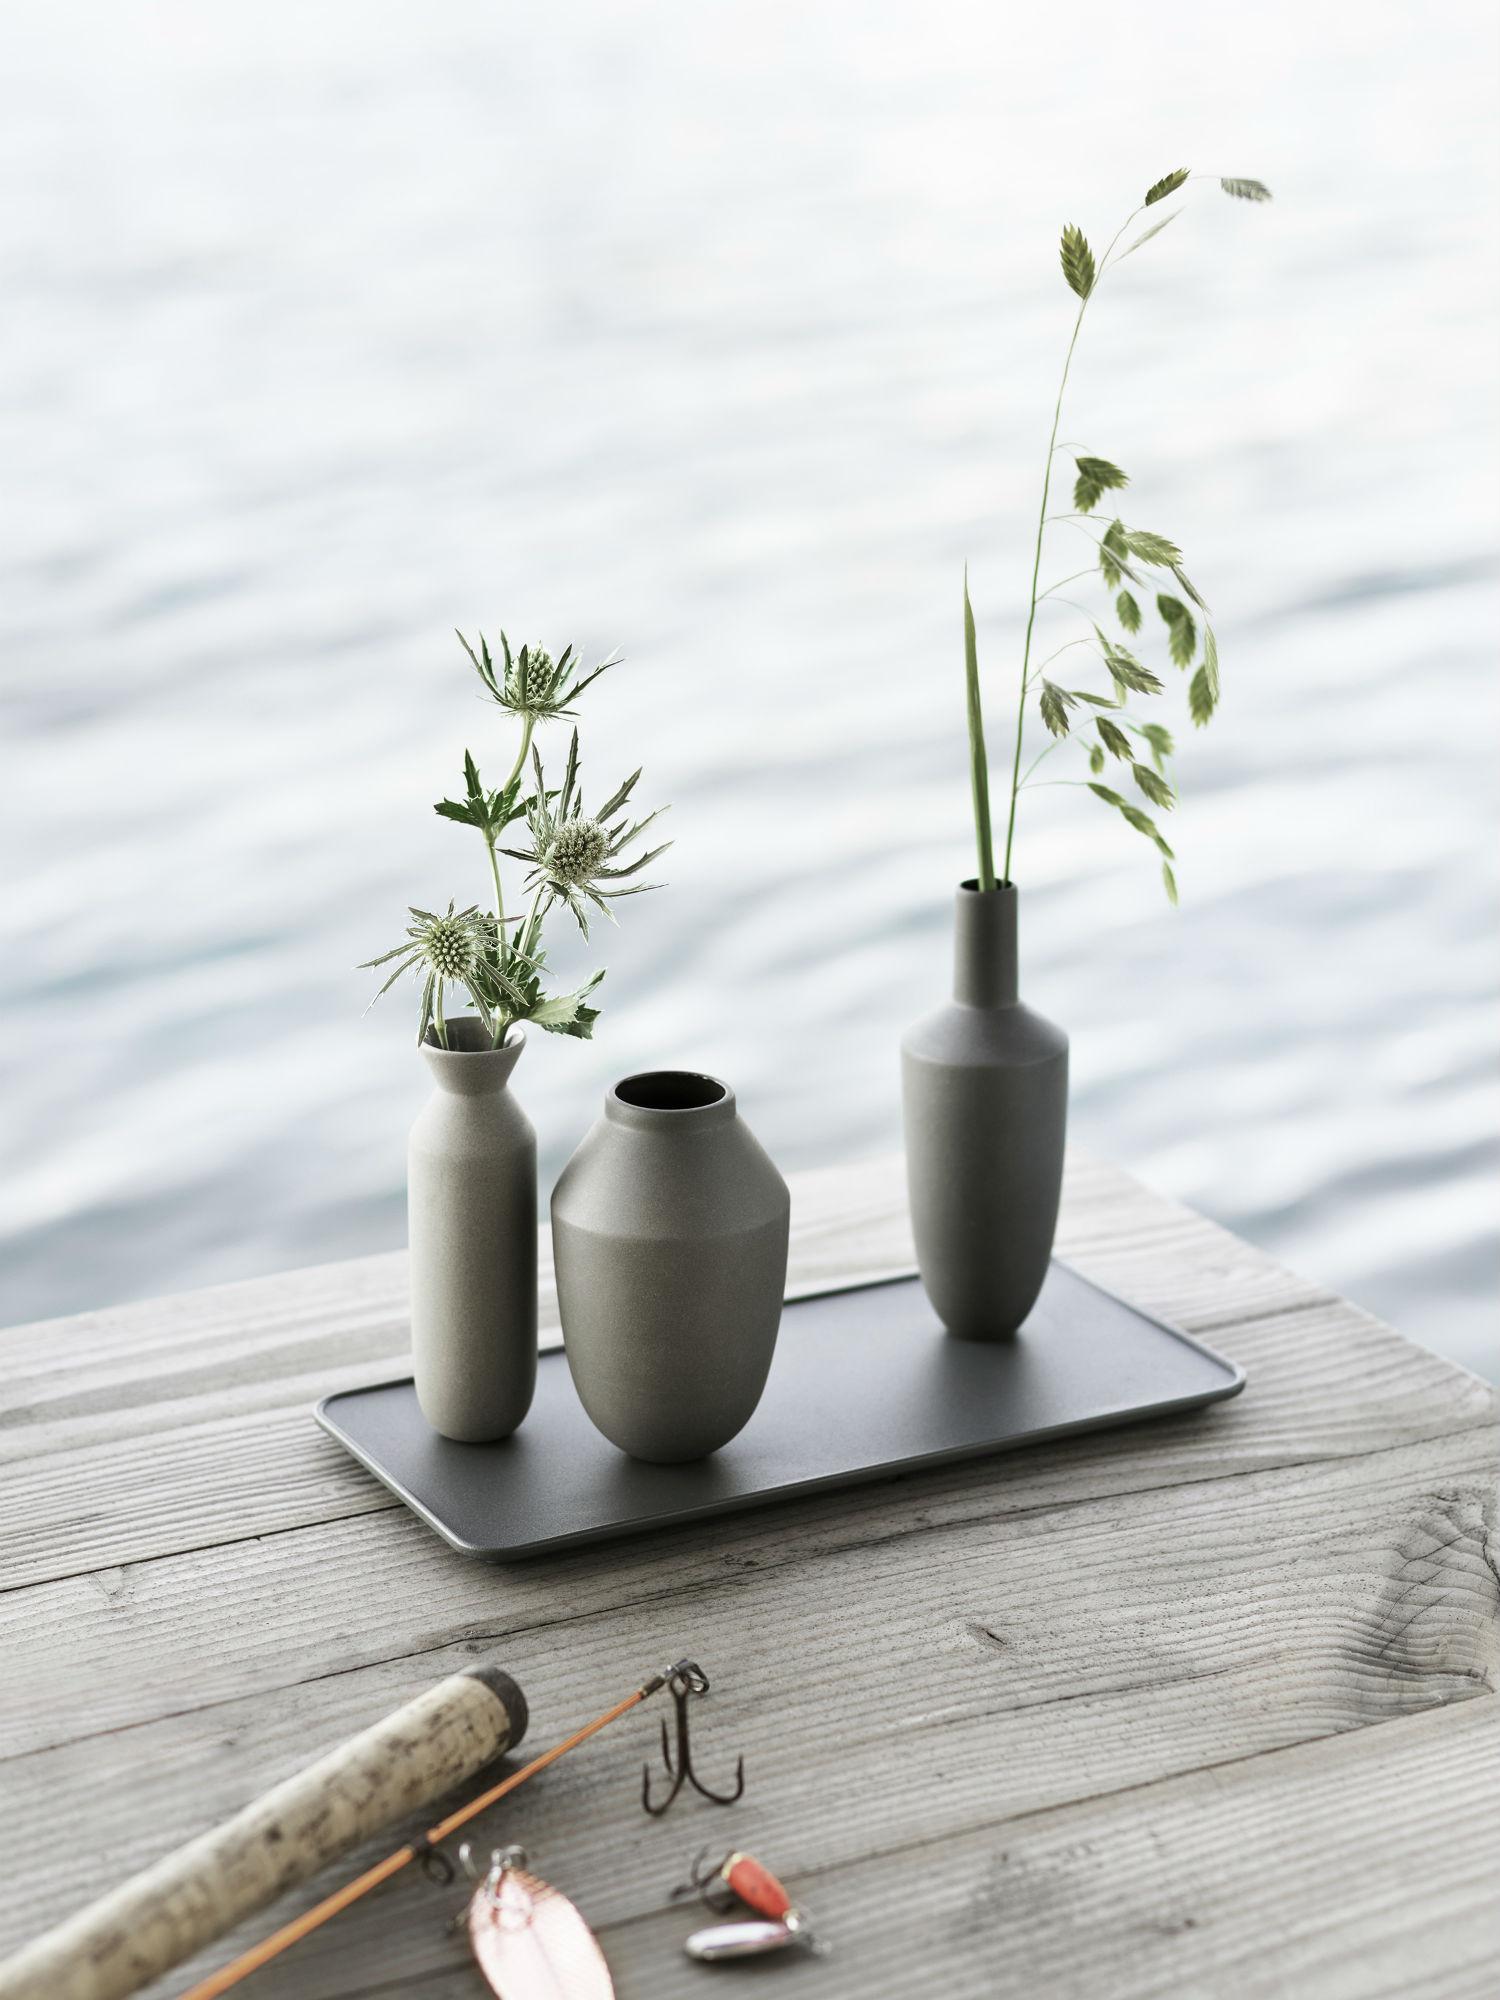 Vases-aimantés-Balance-Muuto-04